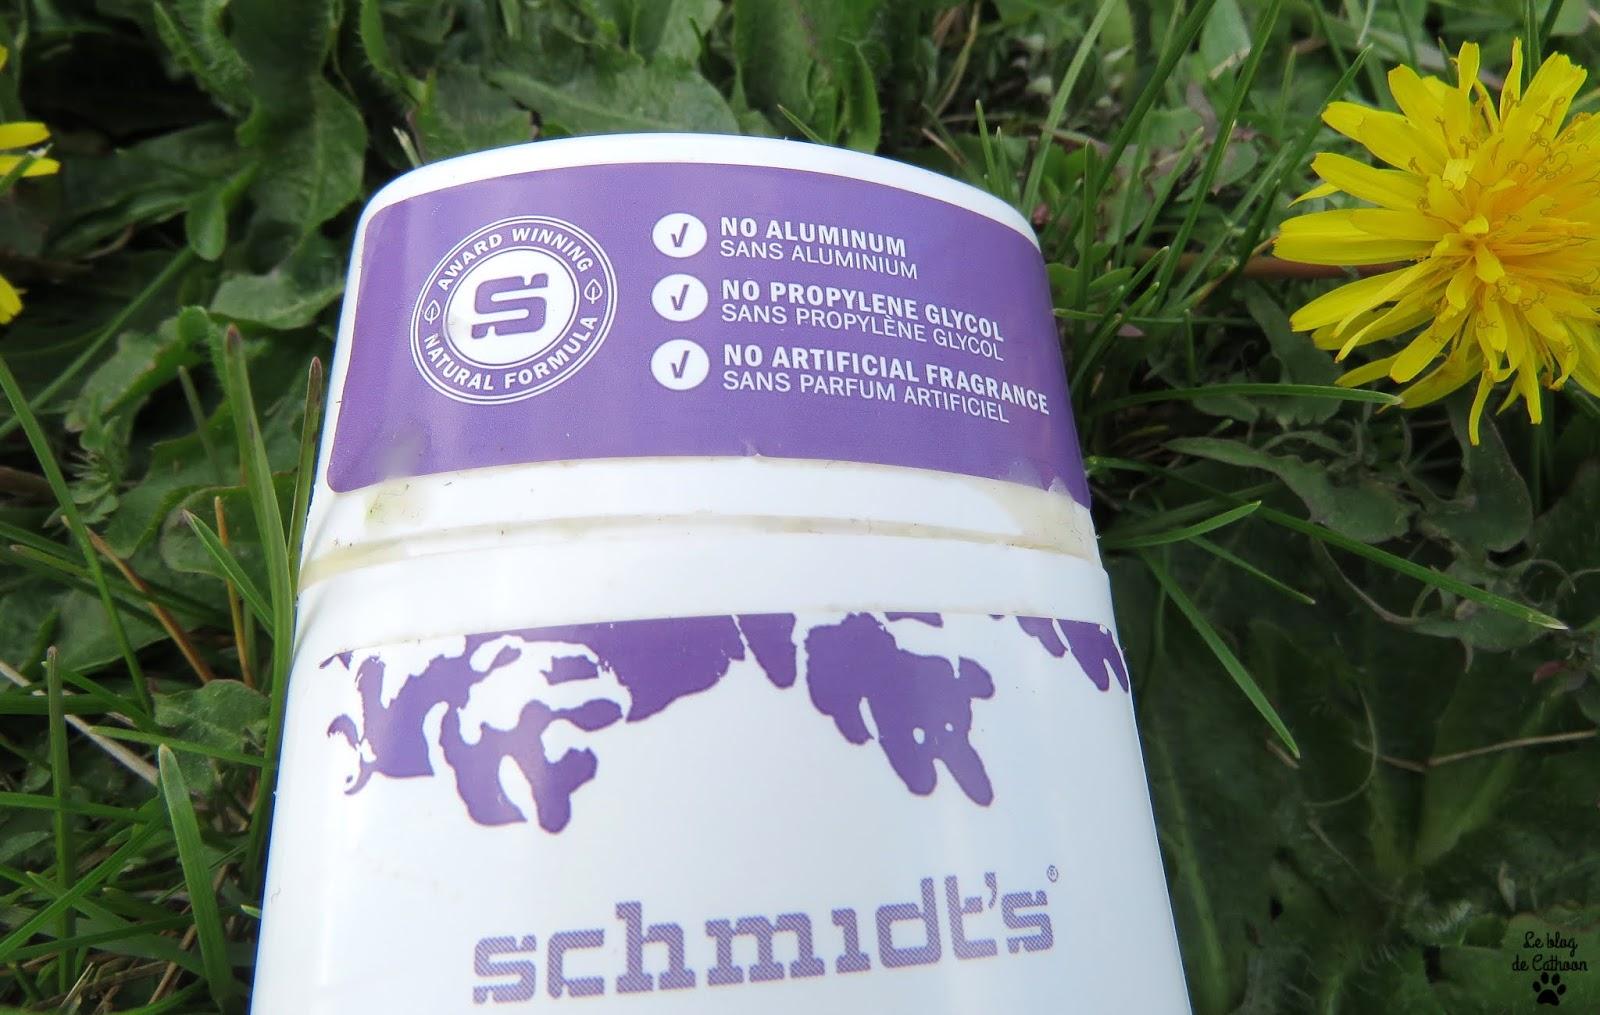 Déodorant Schmidt's, valent-ils leur réputation?!